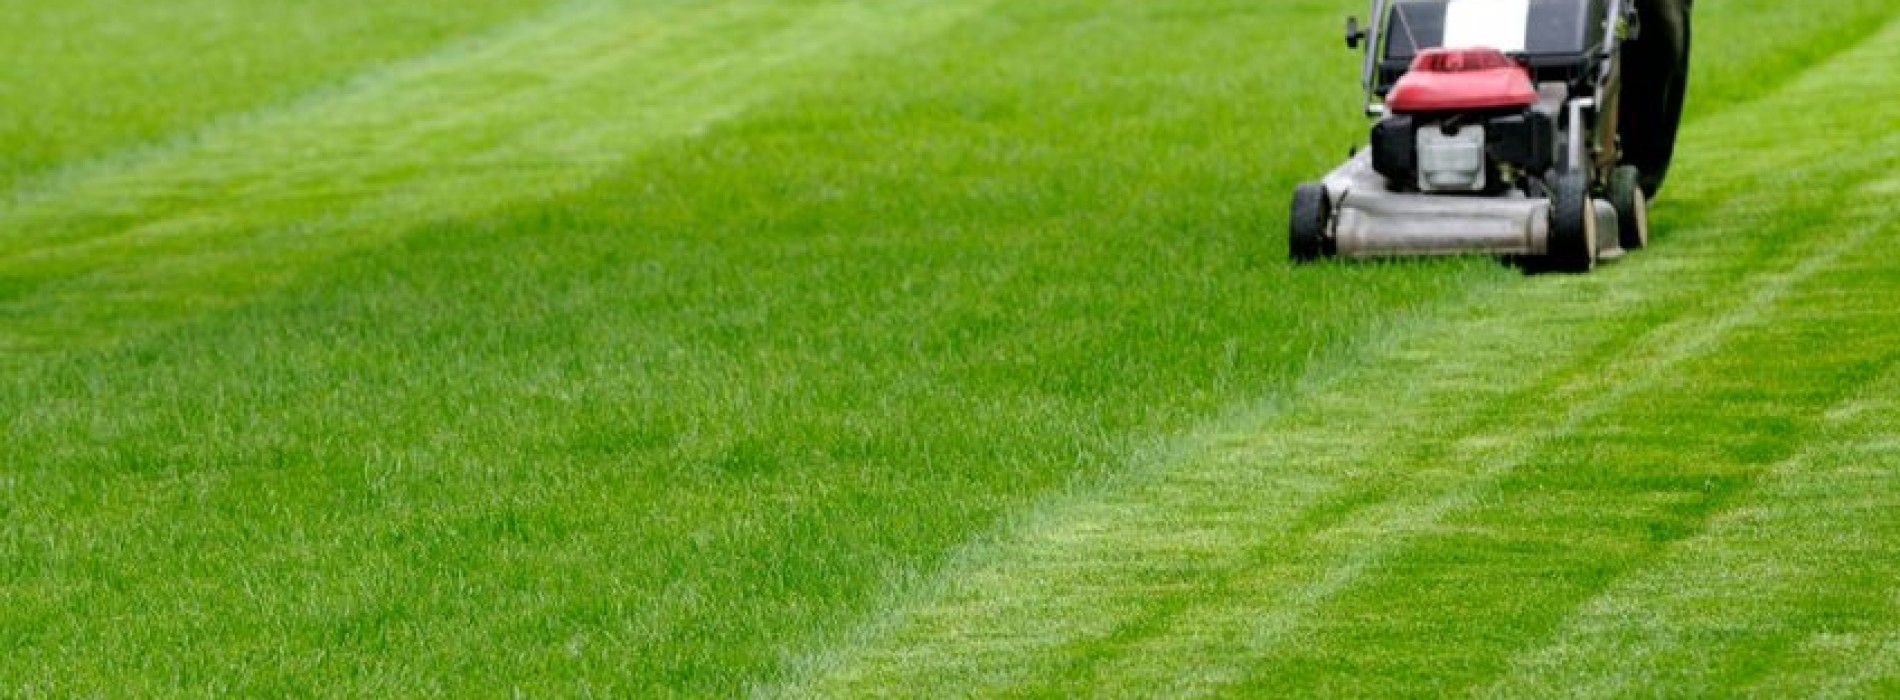 Jak sprawić by nasz trawnik wyglądał pięknie?